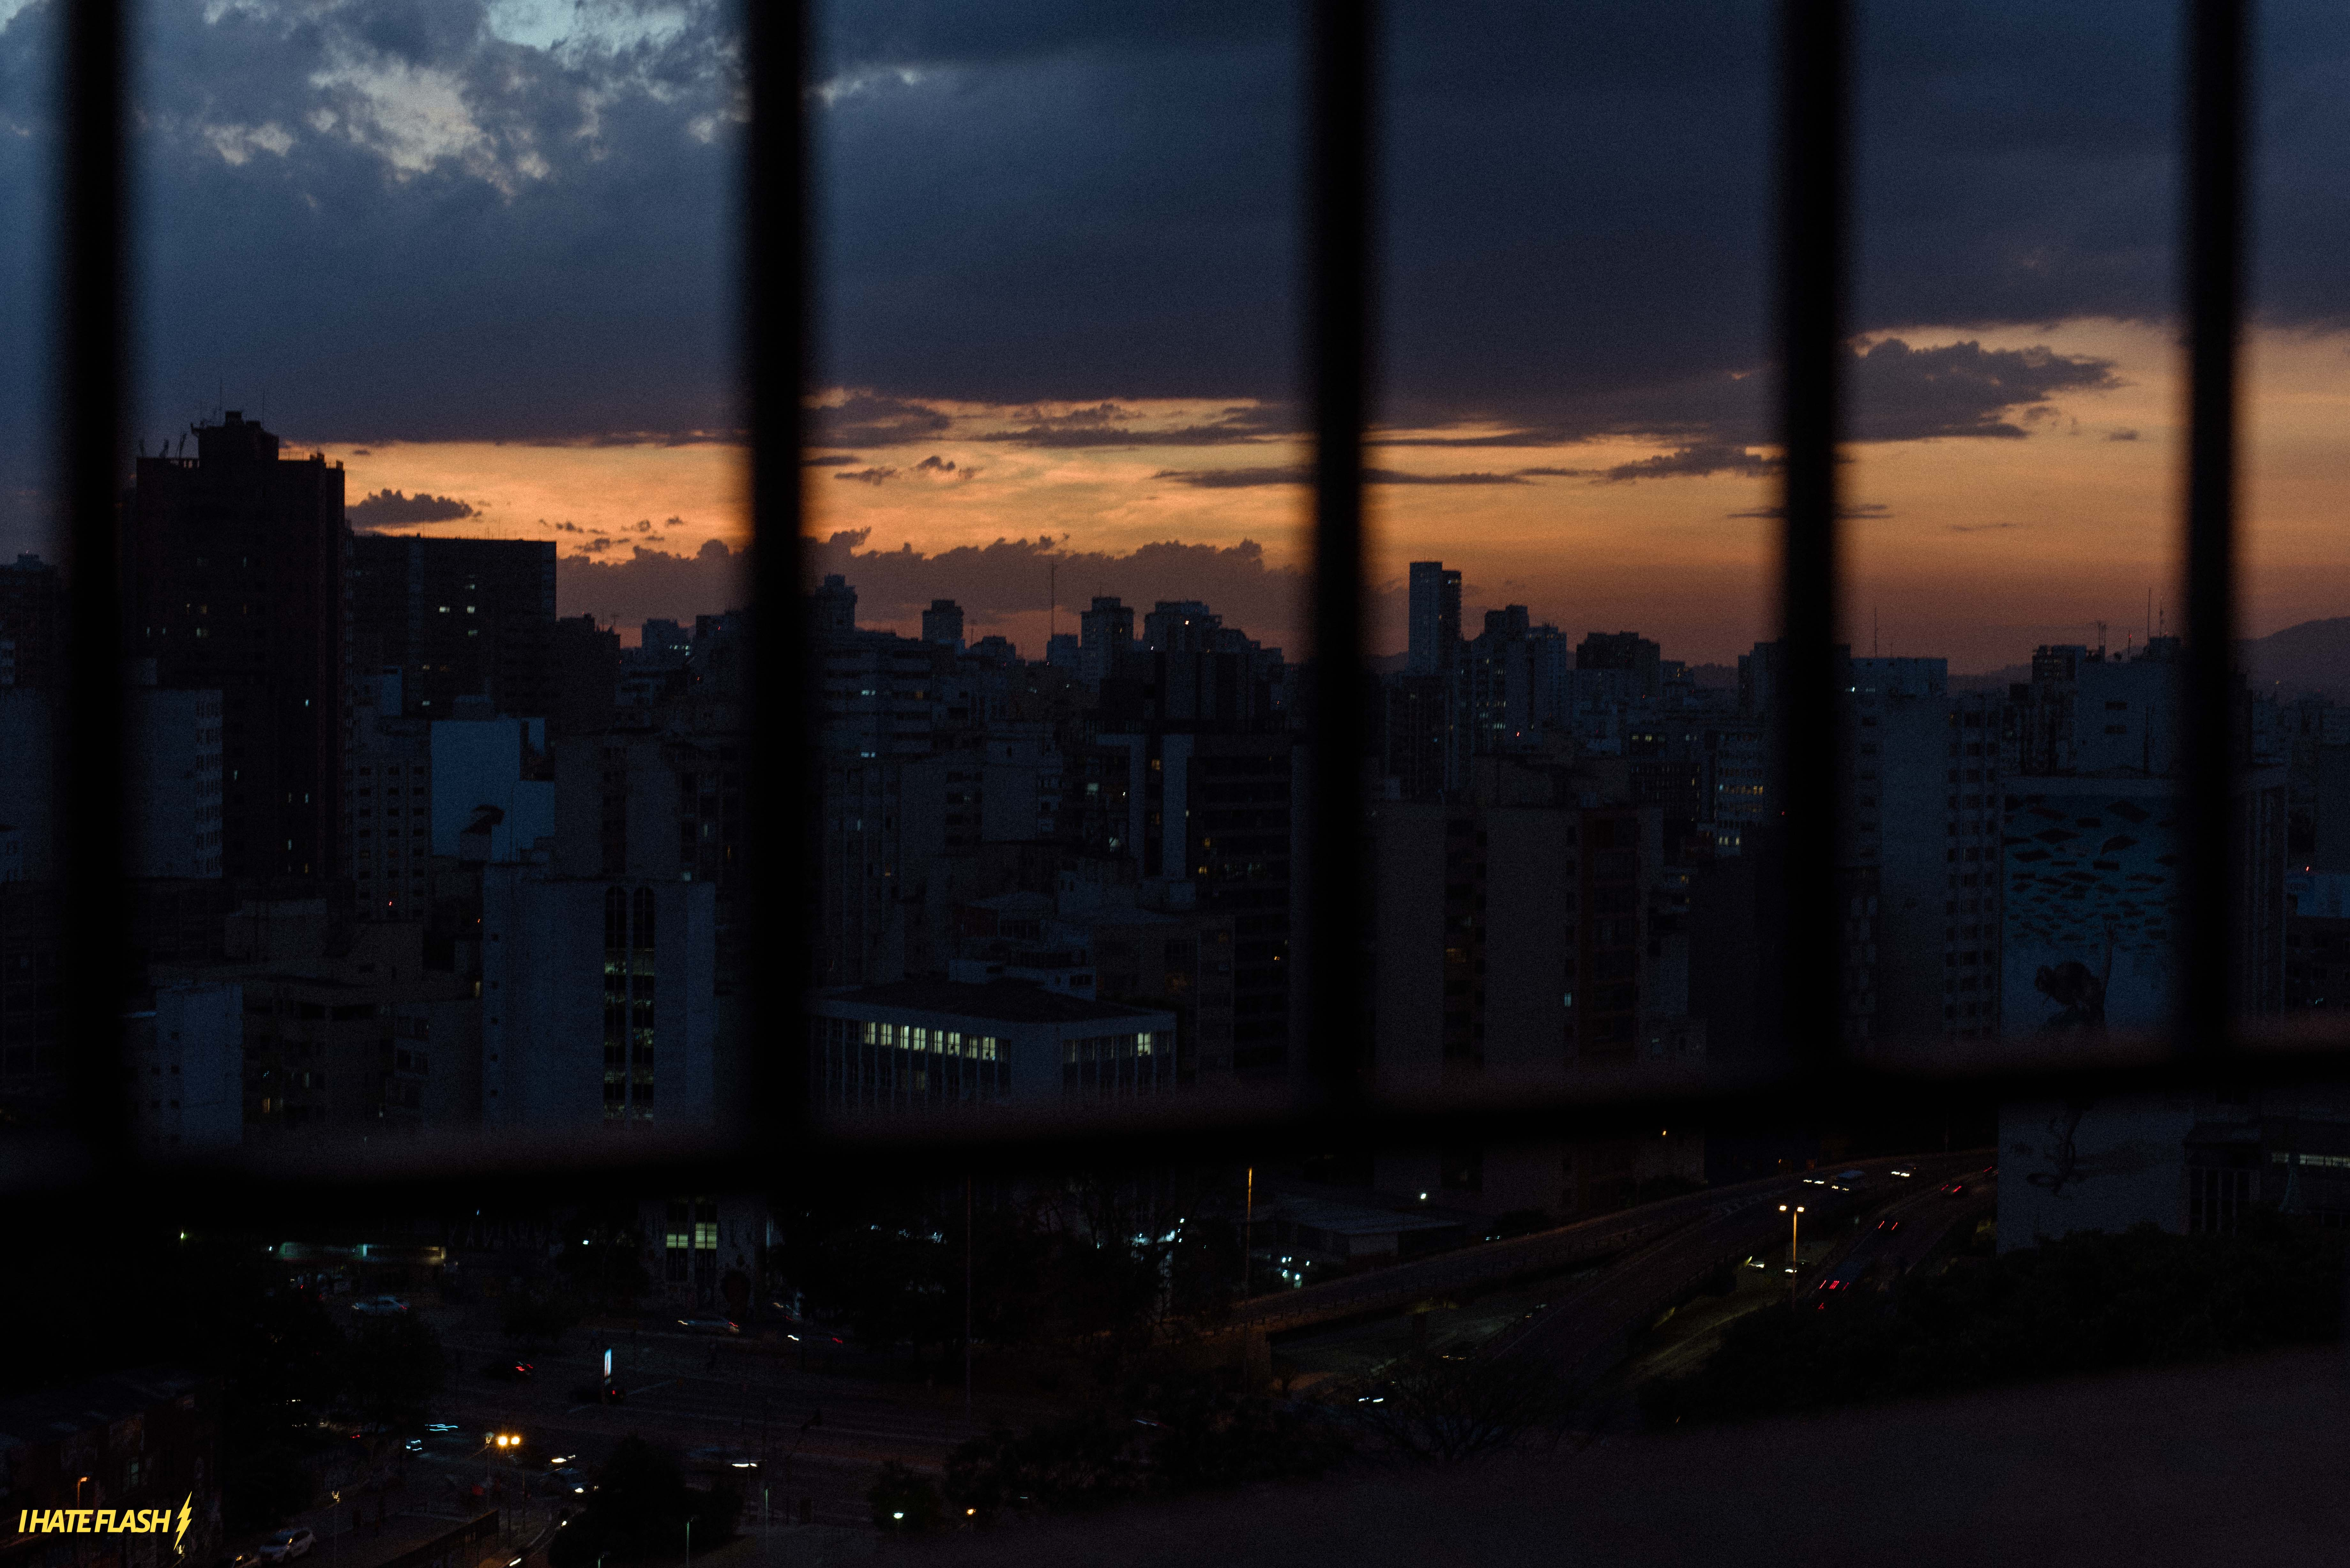 A MÚSICA DO TÊNIS DE HERMETO PASCOAL